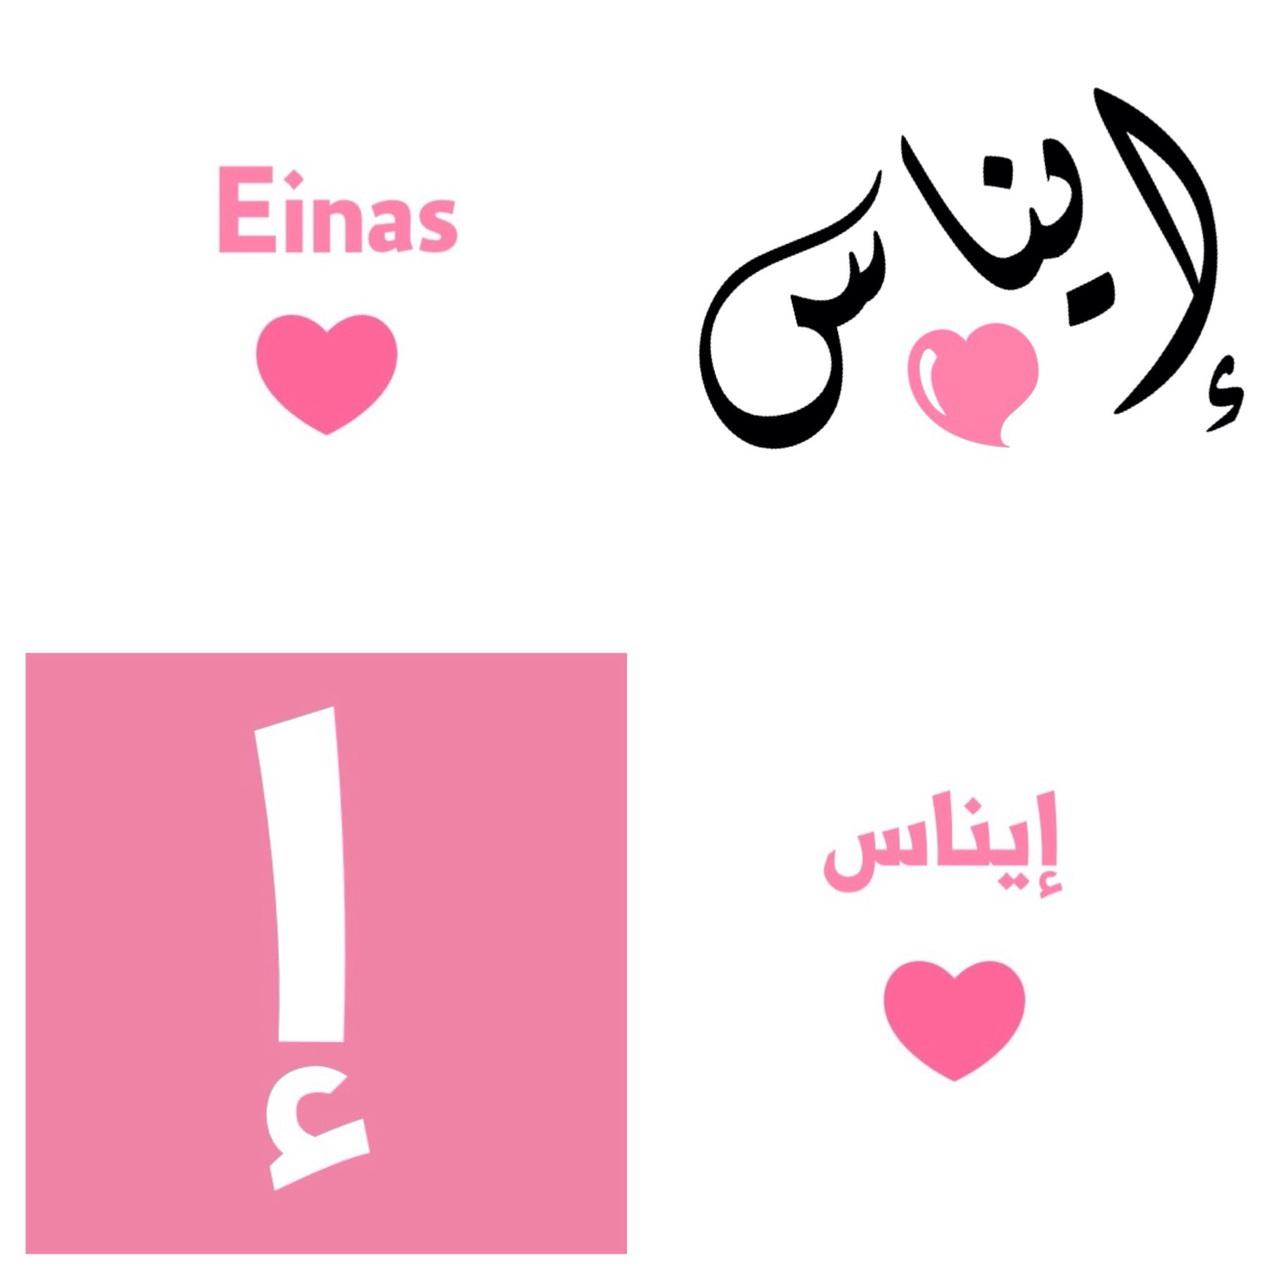 صورة معنى اسم ايناس وشخصيتها , اعرفي معني اسمك او اسم صحبتك